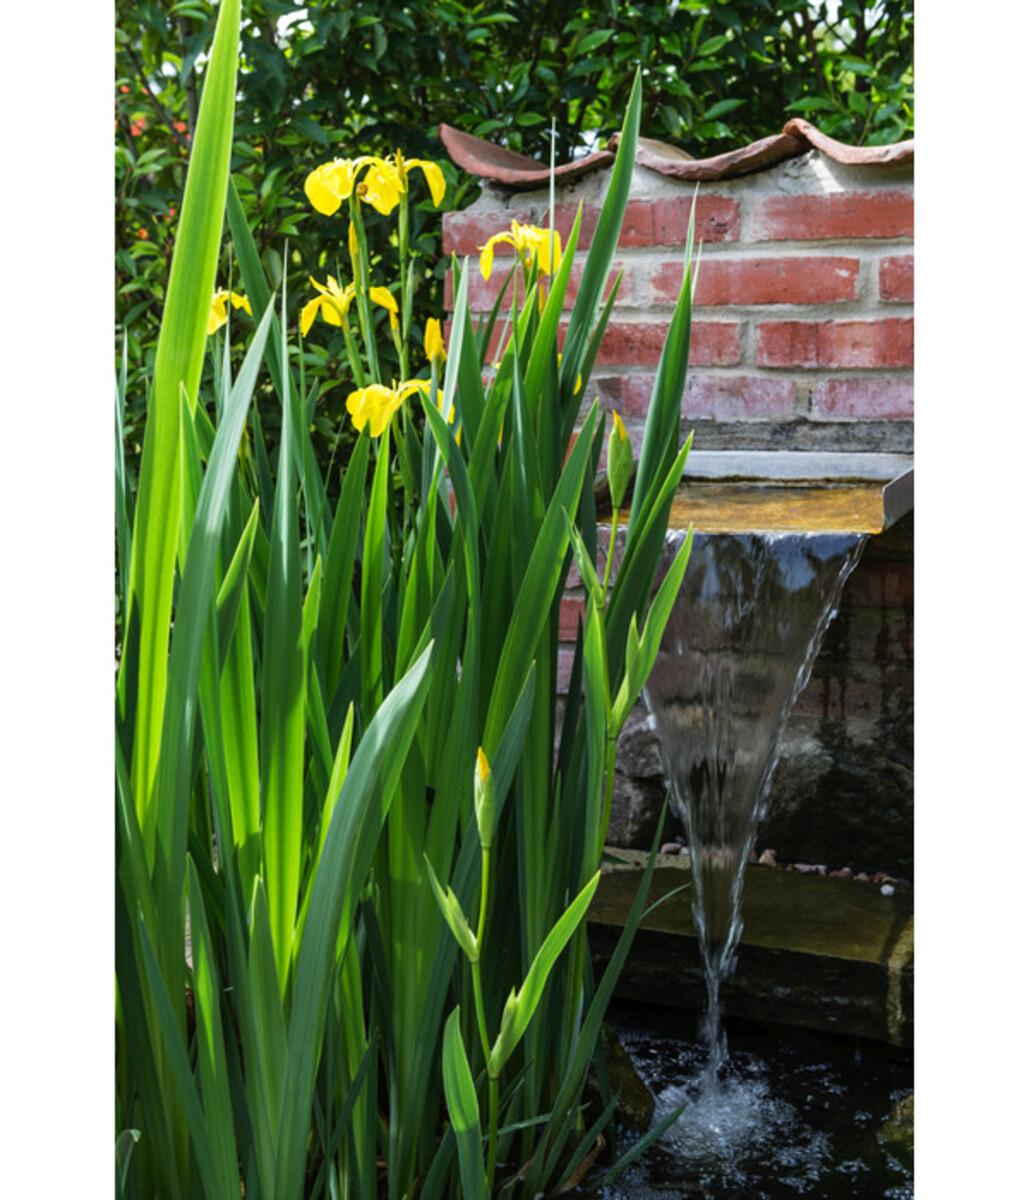 Bild 3 von Sumpf-Schwertlilie, gelb